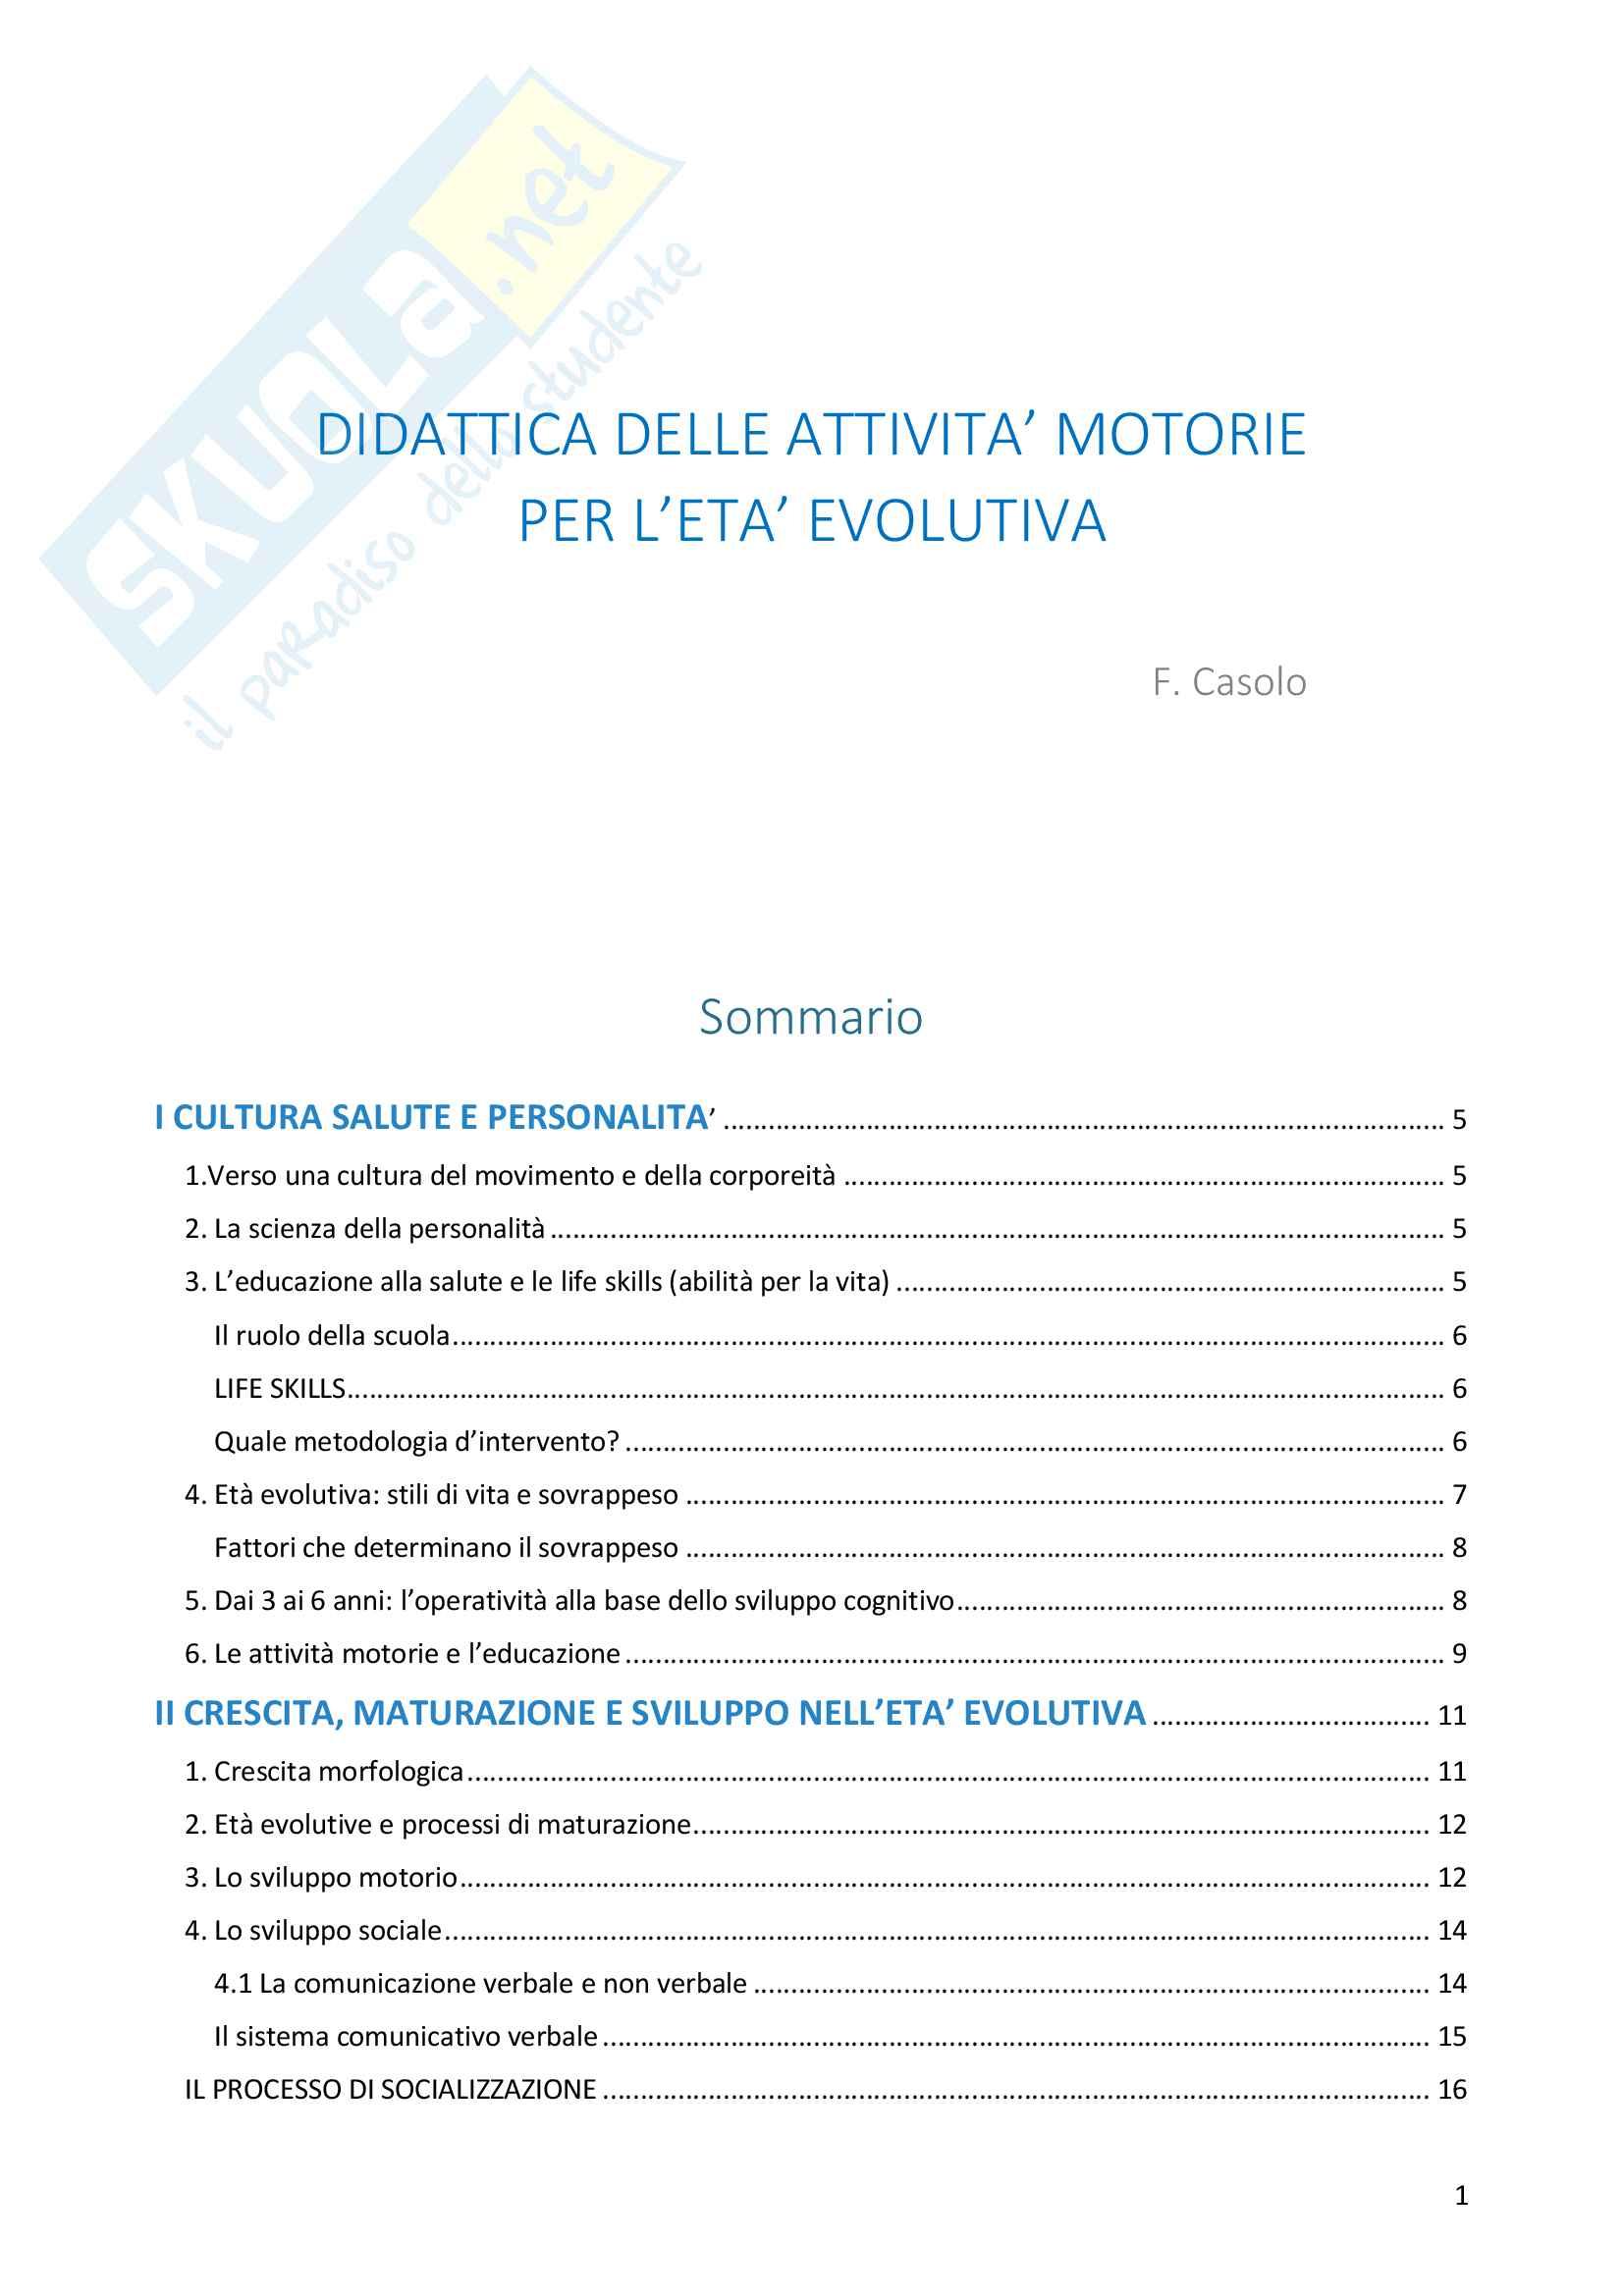 Riassunto esame Scienze Motorie, docente F. D'elia, libro consigliato Didattica delle attività motorie per l'età evolutiva, Francesco Casolo